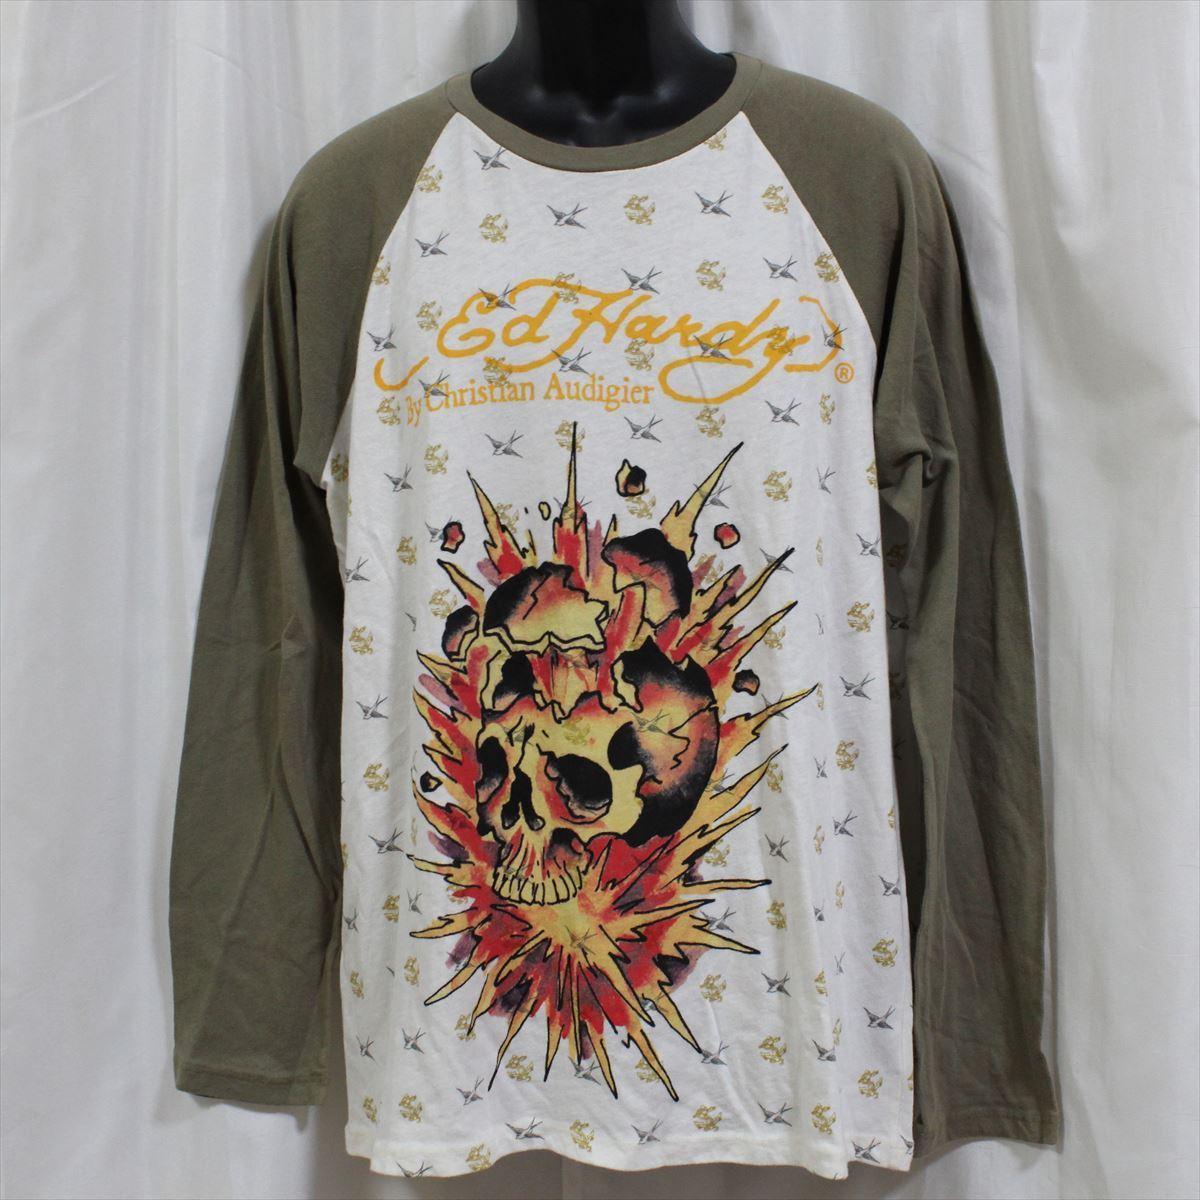 エドハーディー ED HARDY メンズ長袖Tシャツ カーキ Sサイズ M03TTMR312 新品 ラグランスリーブ アメリカ製_画像1